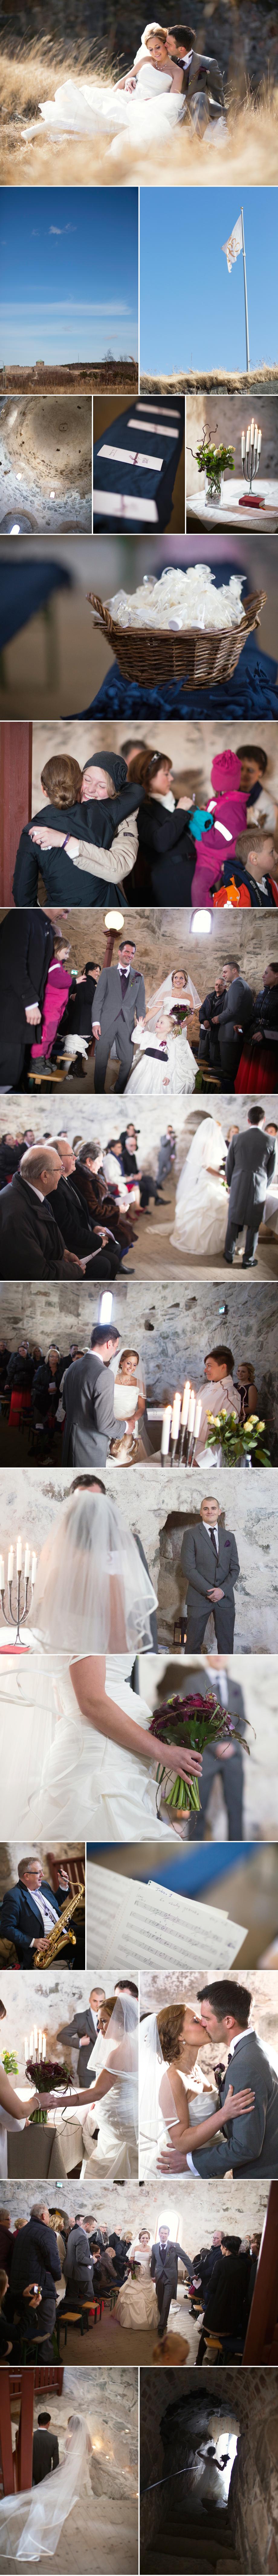 Jennie & Henriks fina bröllop